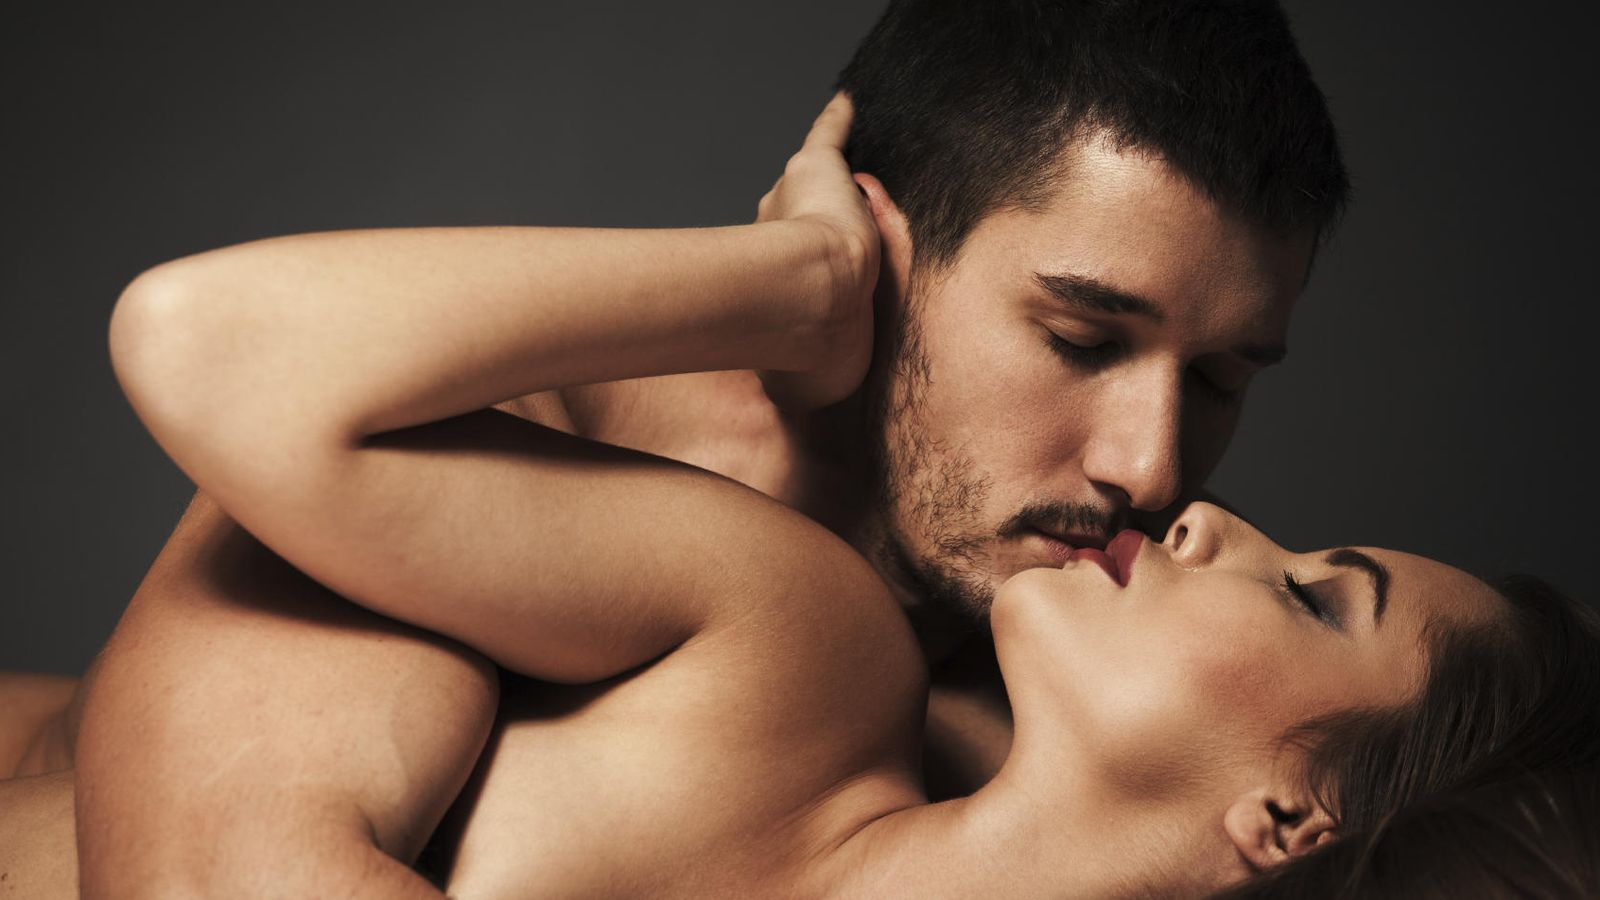 Mujeres Buscando Xexo sexo: lo que de verdad quieren las mujeres que les hagan los